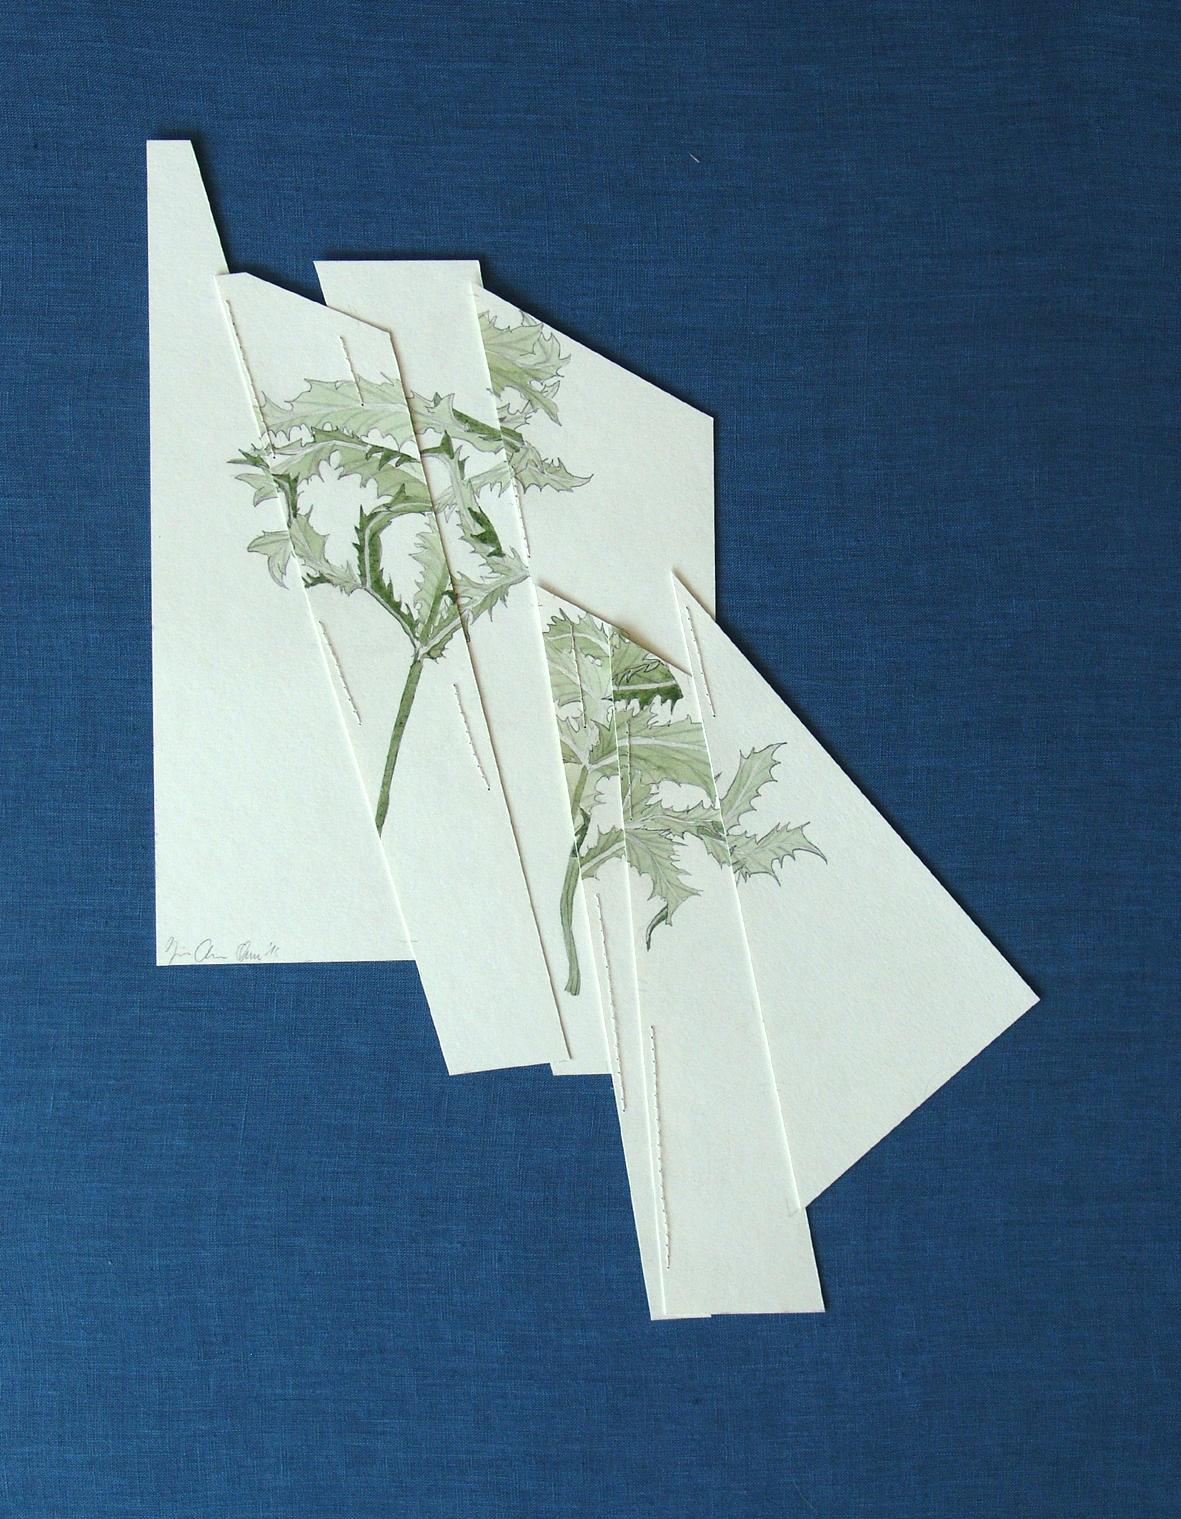 """""""vernarbte Zeichnung III"""" Bleistift und Aquarell auf Papier, abgebildet auf blauem Hintergrund 41 x 30,5 cm, 2015"""